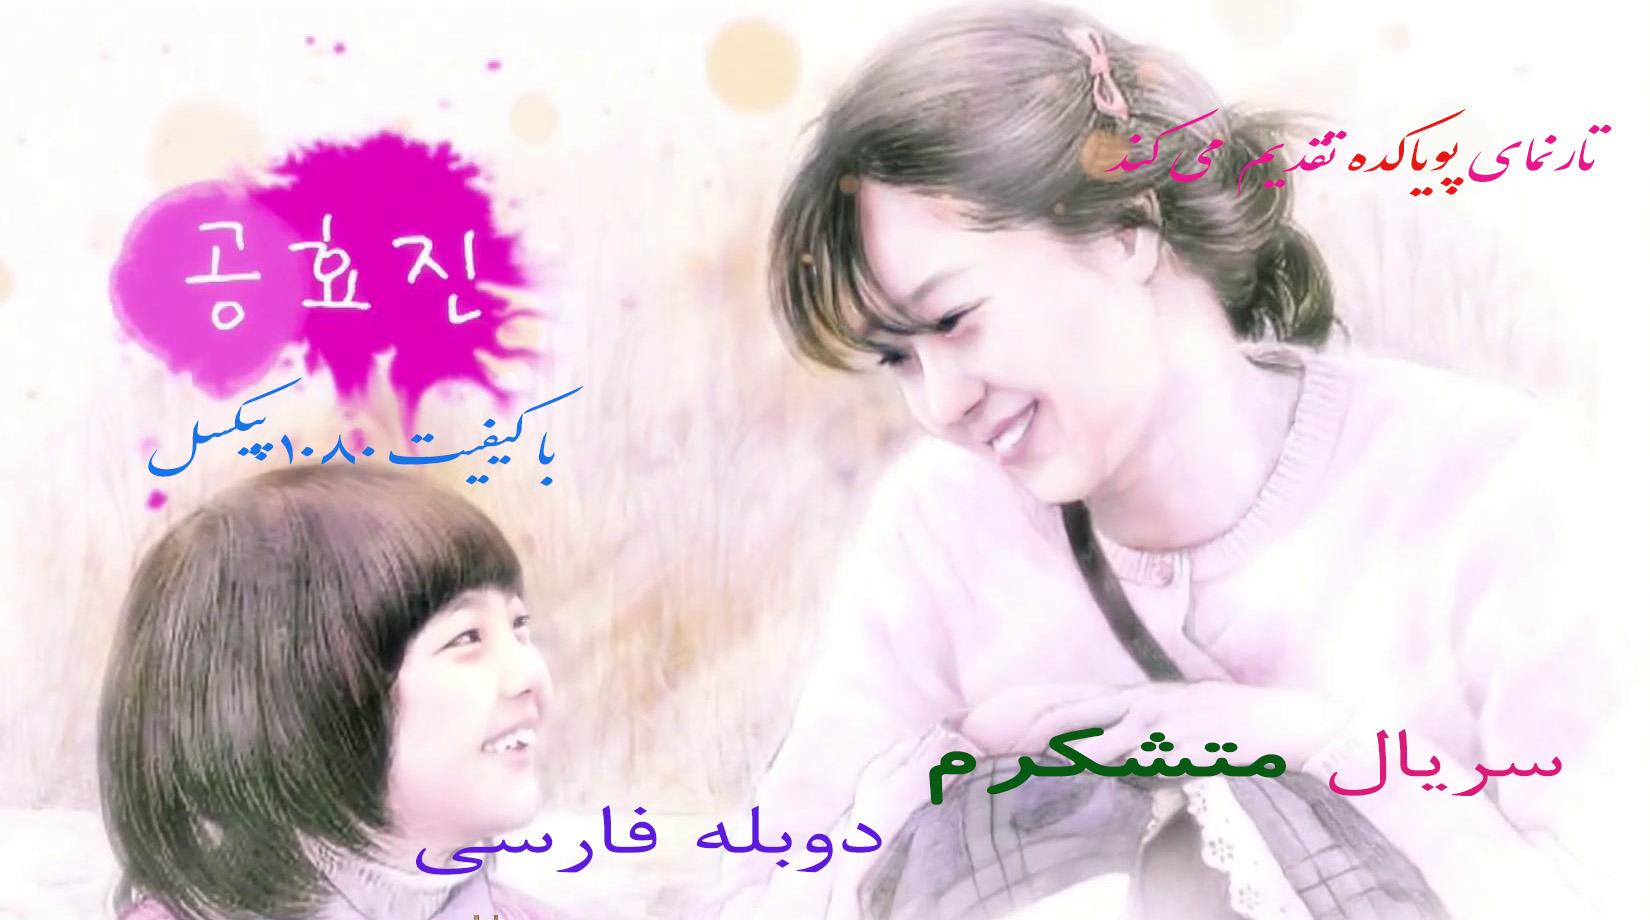 دانلود رایگان سریال متشکرم دوبله فارسی